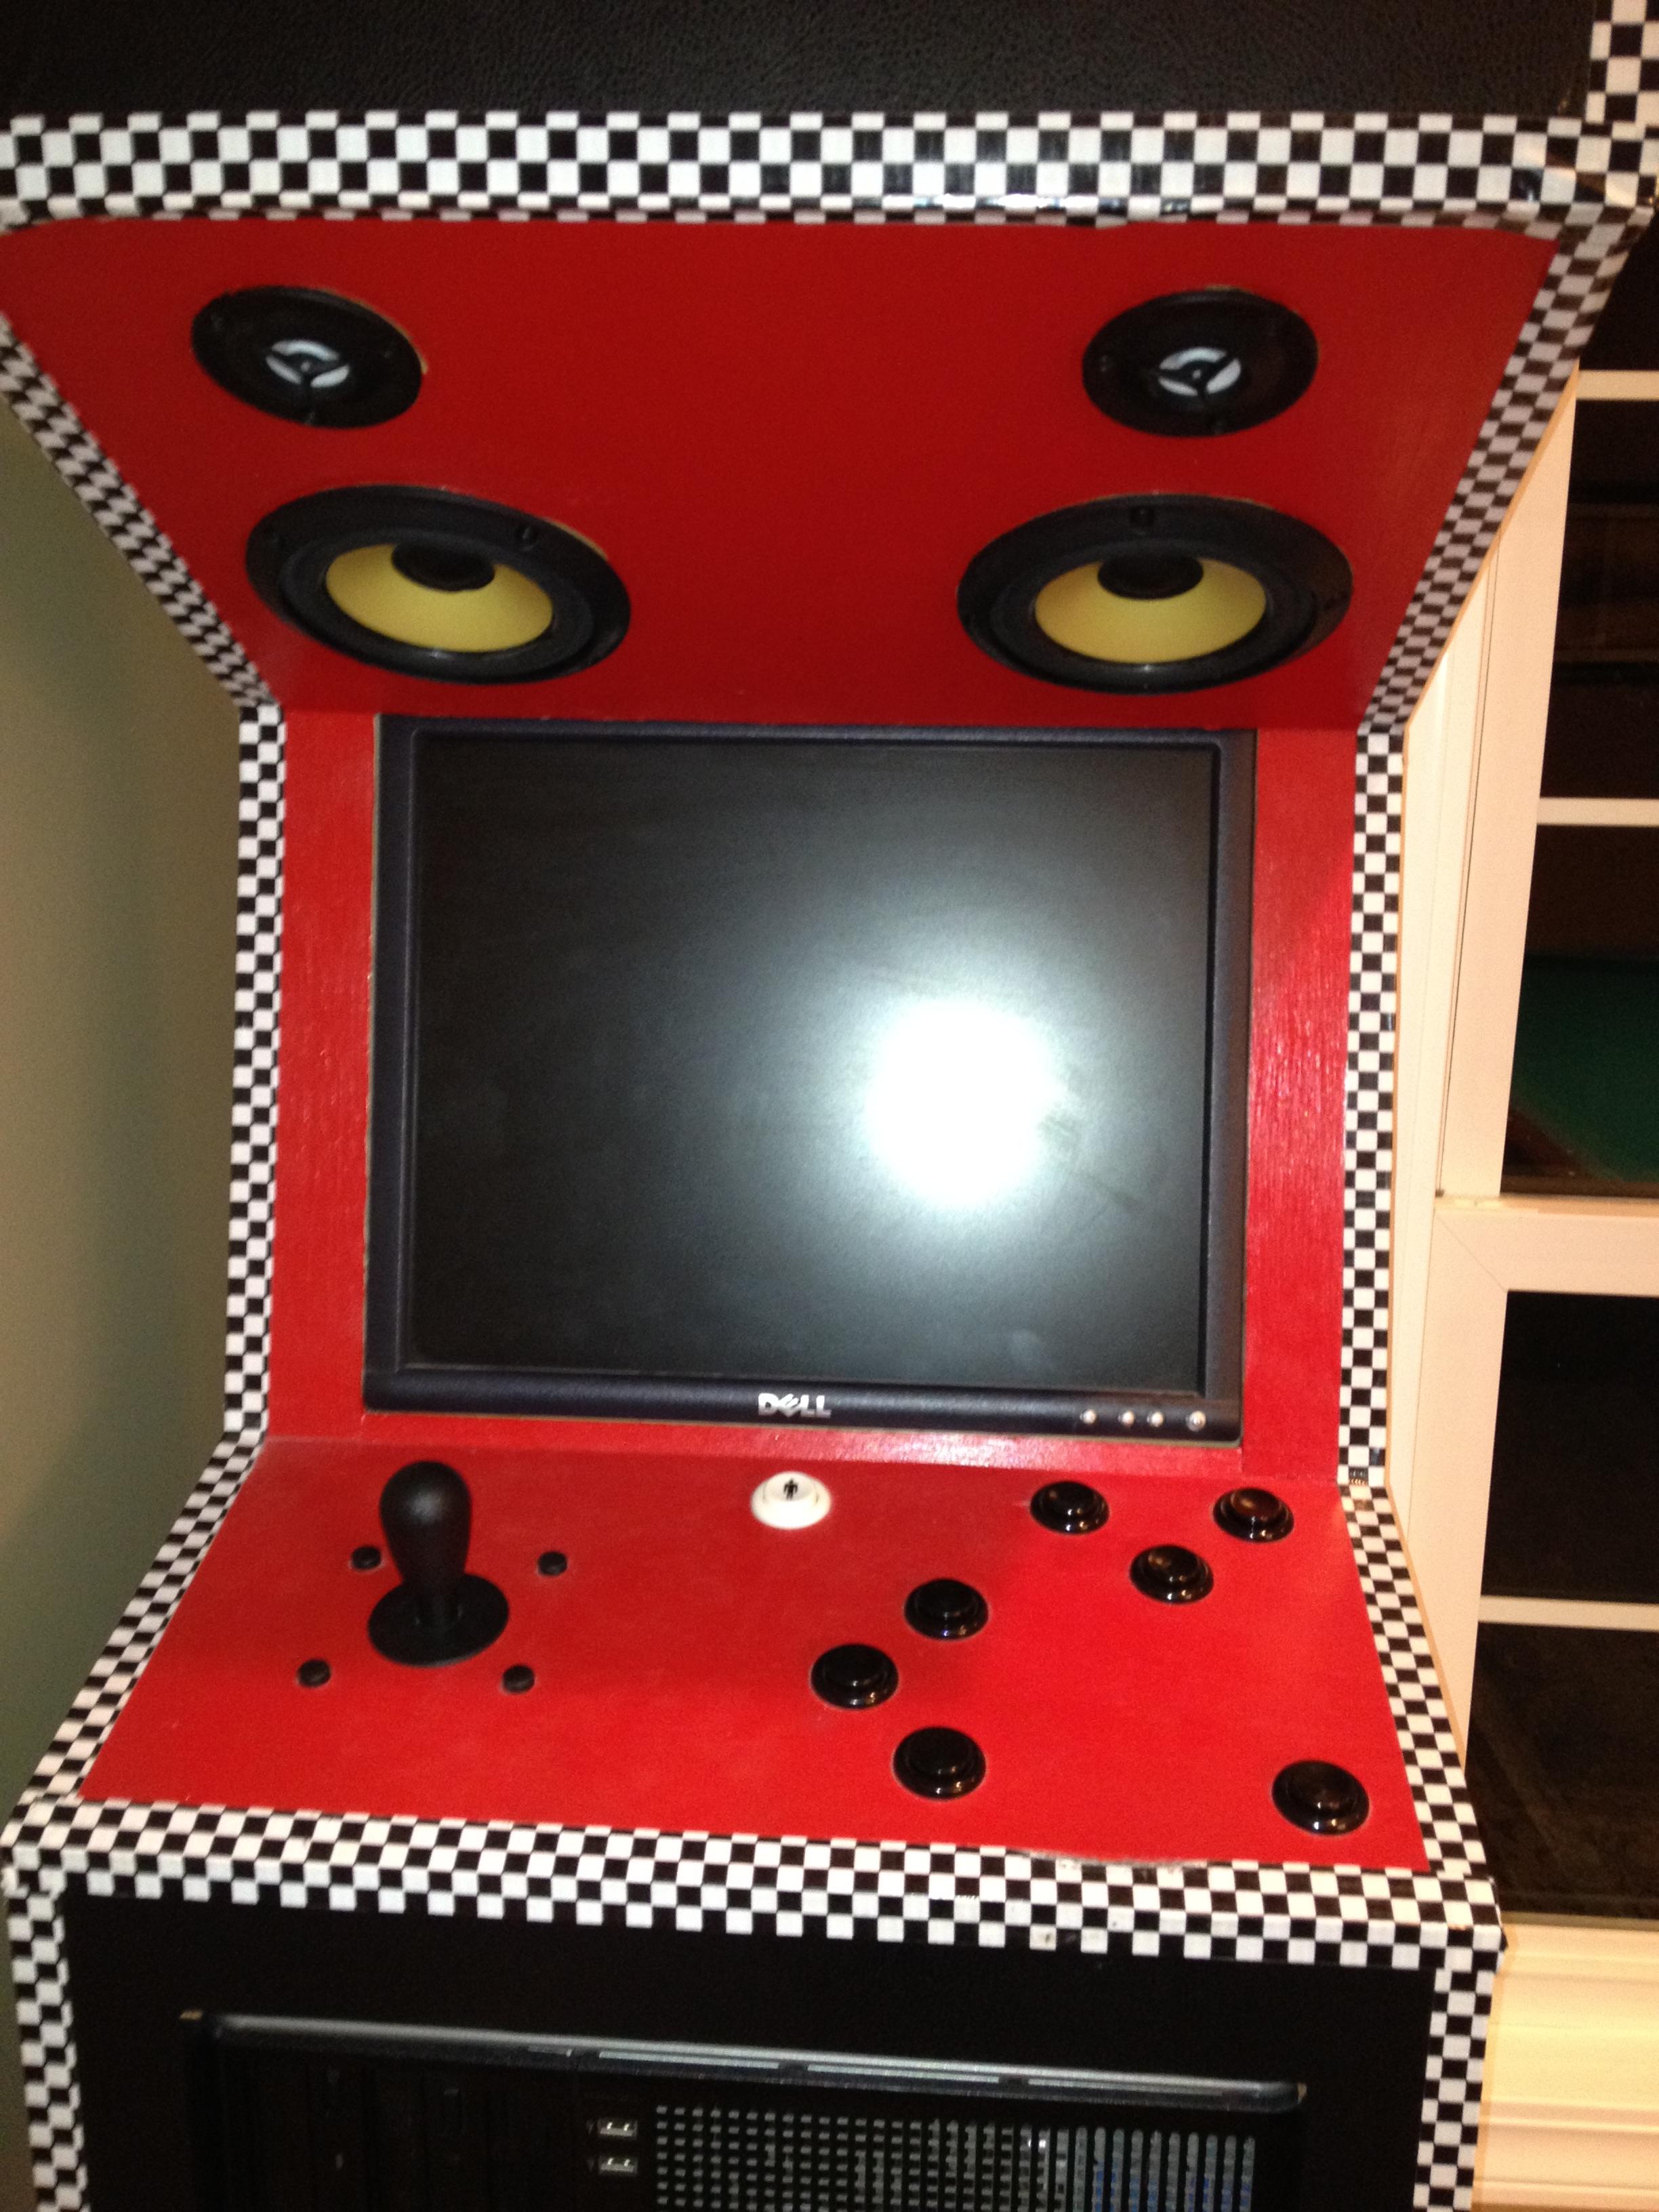 MAME Arcade 1 – CGD Tech